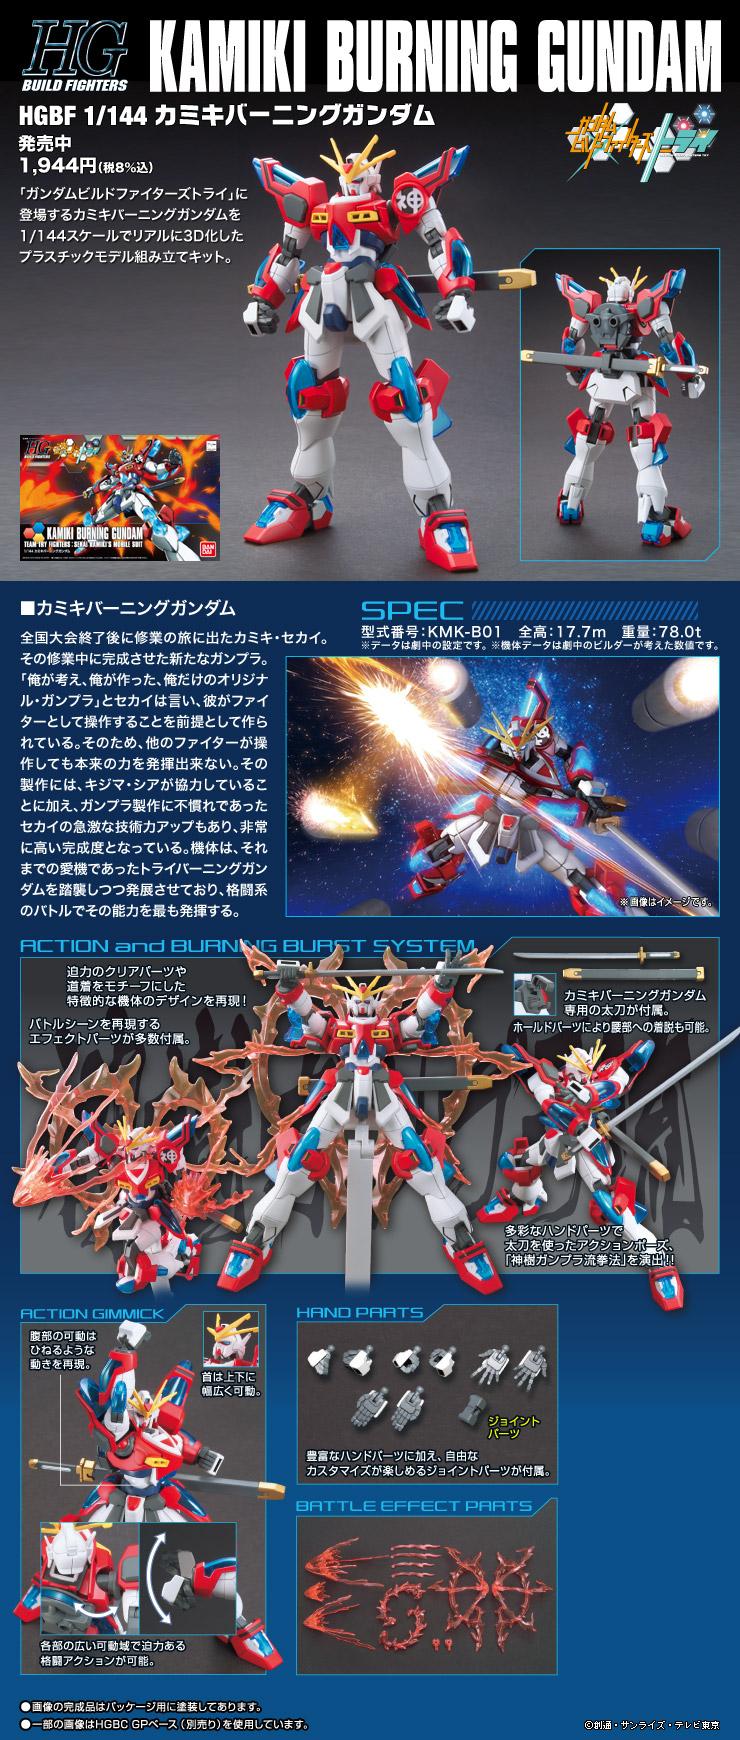 HGBF 1/144 KMK-B01 カミキバーニングガンダム [Kamiki Burning Gundam] 公式商品説明(画像)